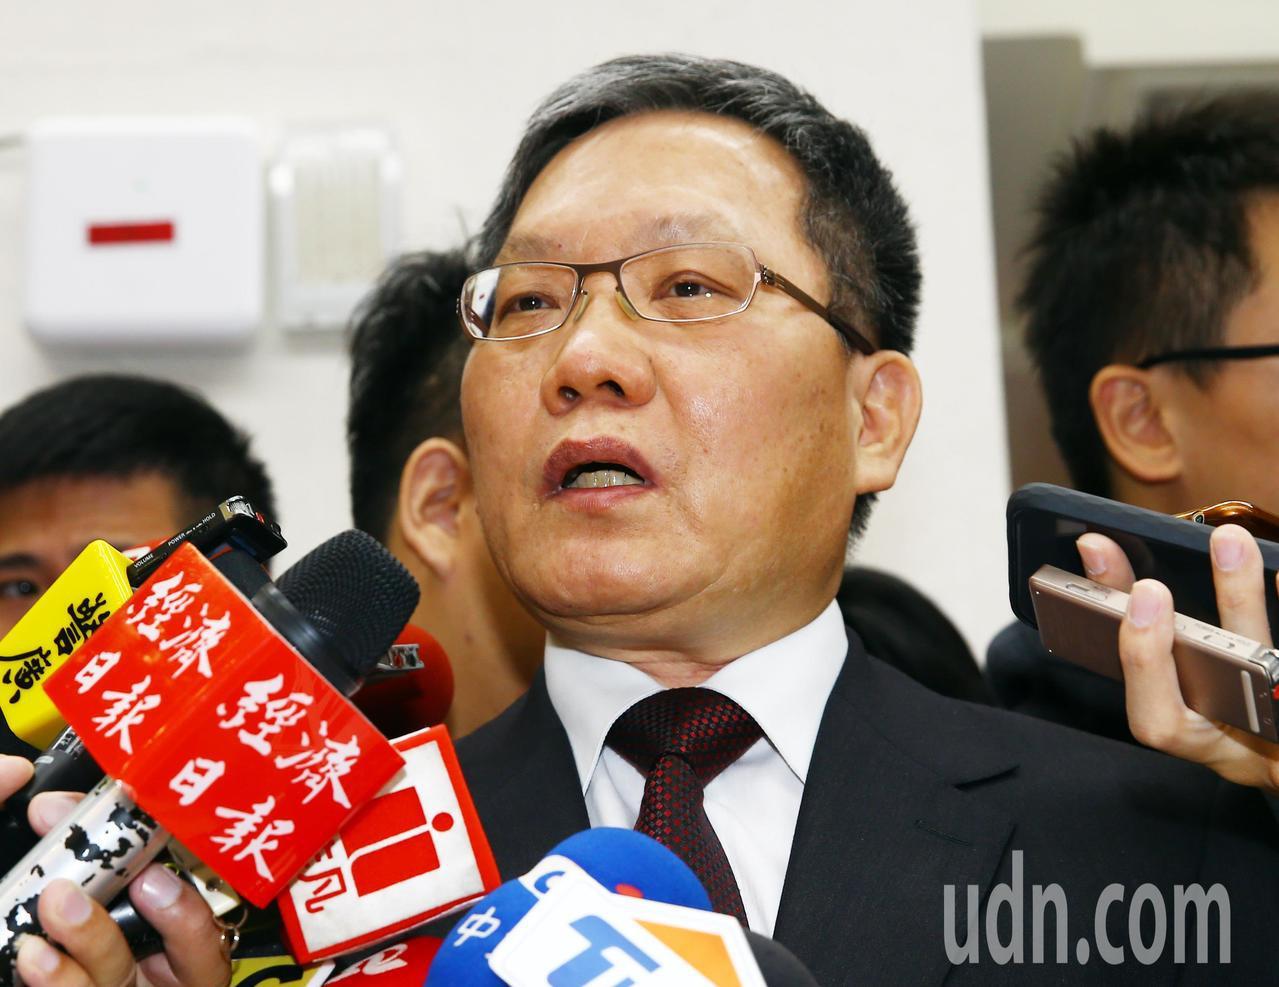 聯合國貿易發展會議公布美中貿易戰相關報告,指出台灣是美中貿易戰最大贏家。財政部長...